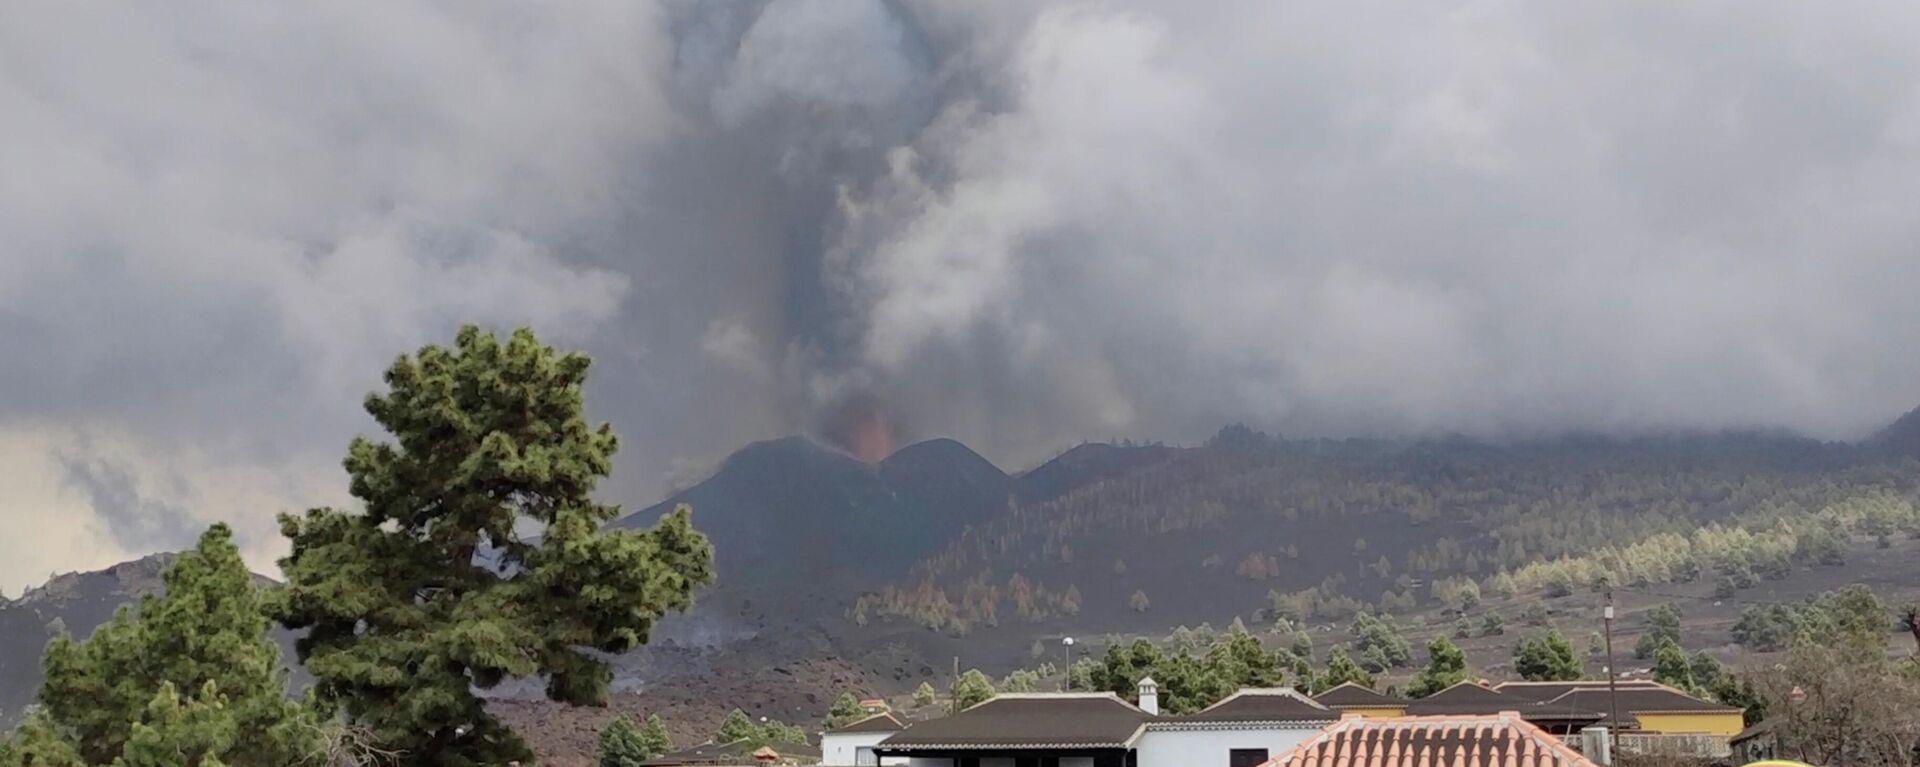 El volcán de La Palma sigue en erupción, las Islas Canarias, España - Sputnik Mundo, 1920, 27.09.2021